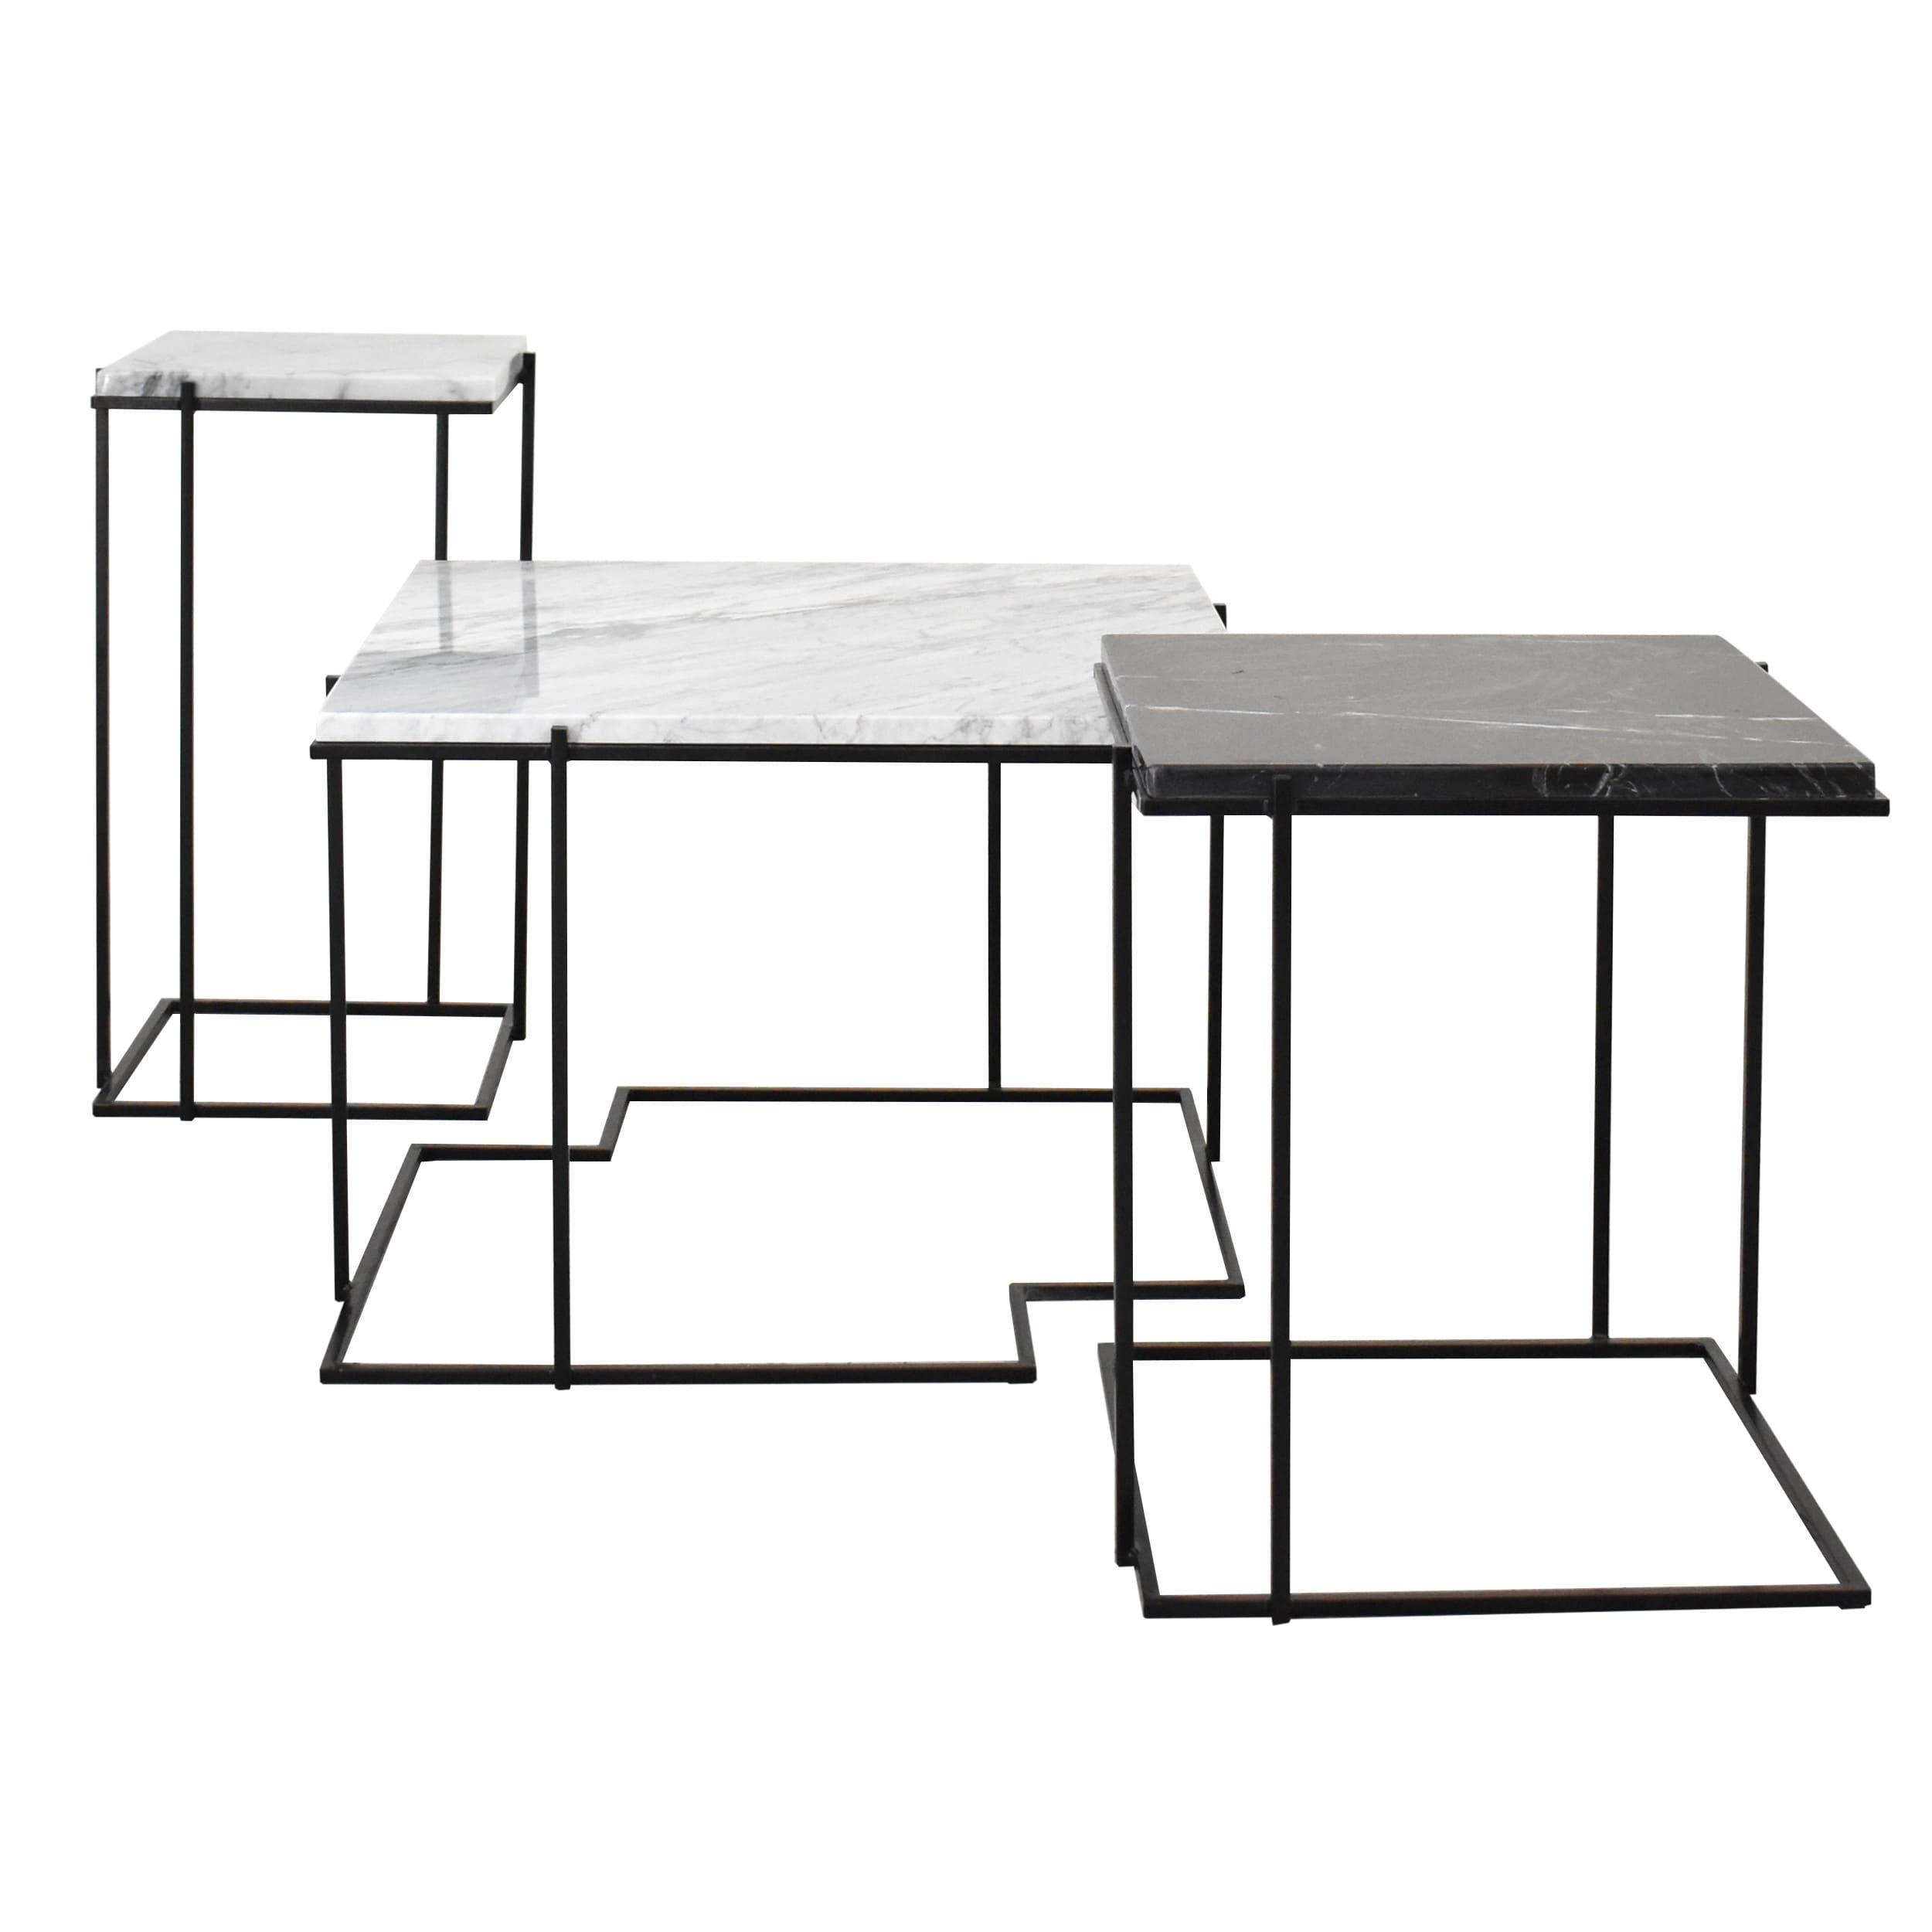 Zestaw stolików kawowych, stolików bocznych, stolików okolicznościowych, z blatem marmurowym (biały- Carrara Bianco, czarny - Nero Marquina)- SLEEK, WHITE PUZZLE, WIDE SLEEK